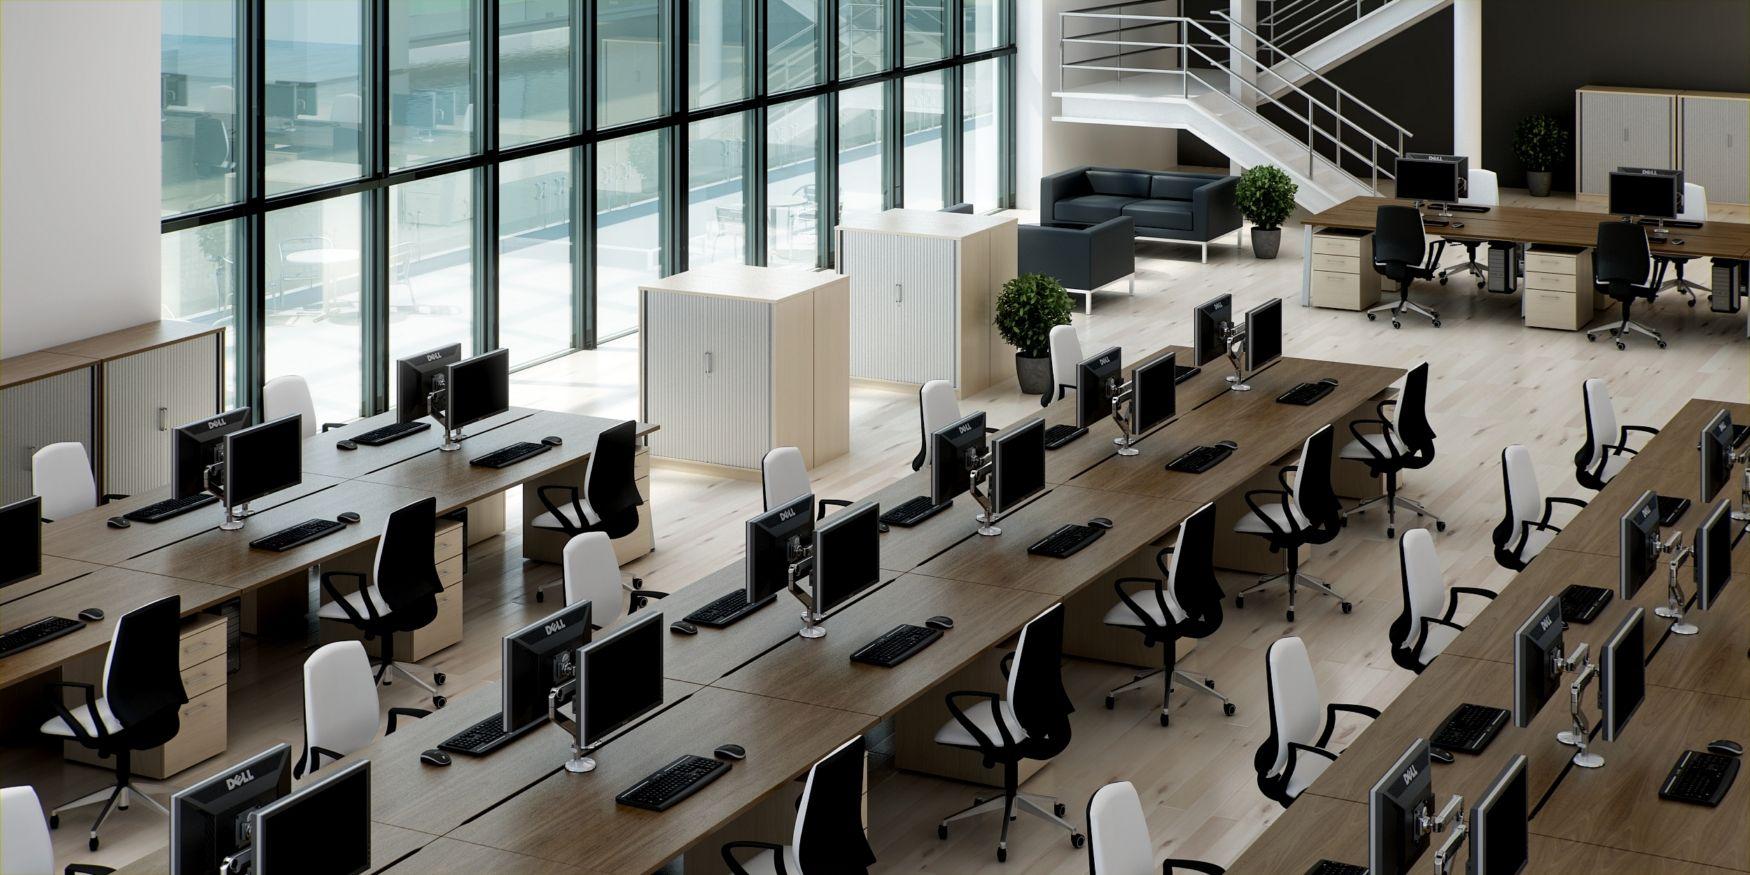 I Like The Desk Setup Furniture Workstation Office Furniture